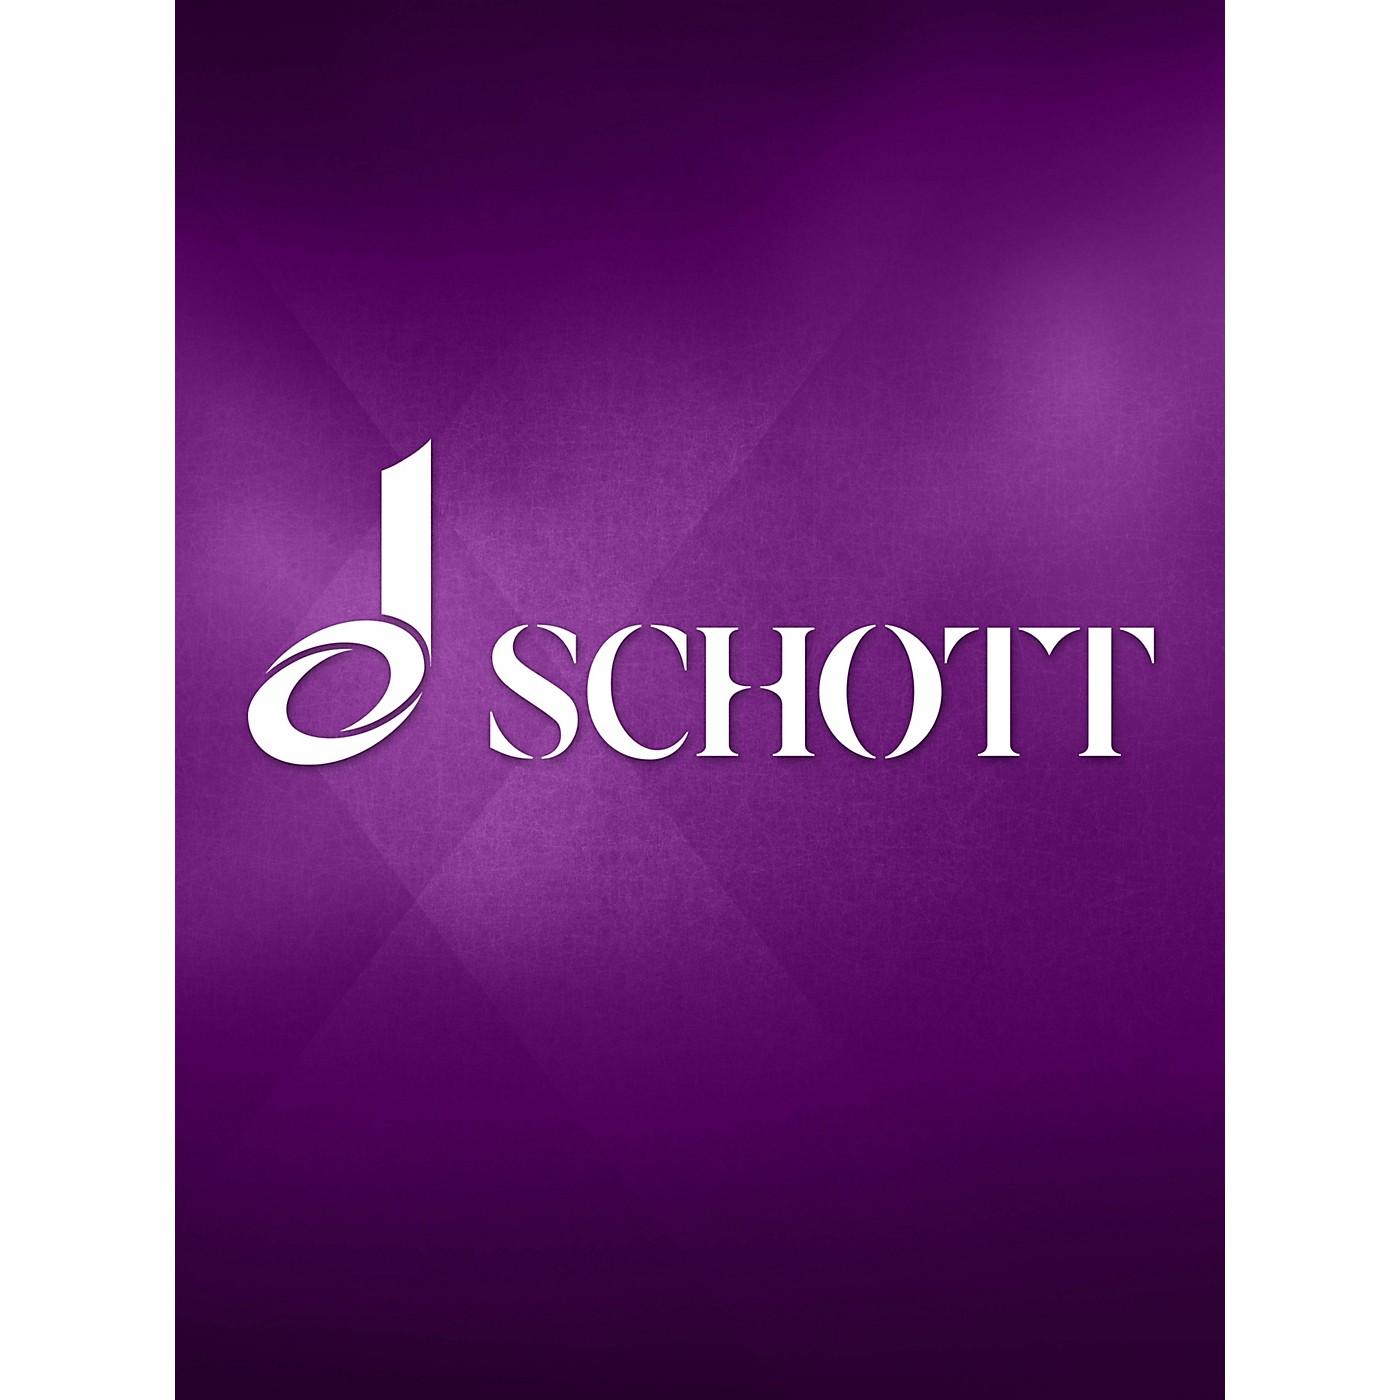 Schott Flötenbüchlein (German Language) Schott Series thumbnail